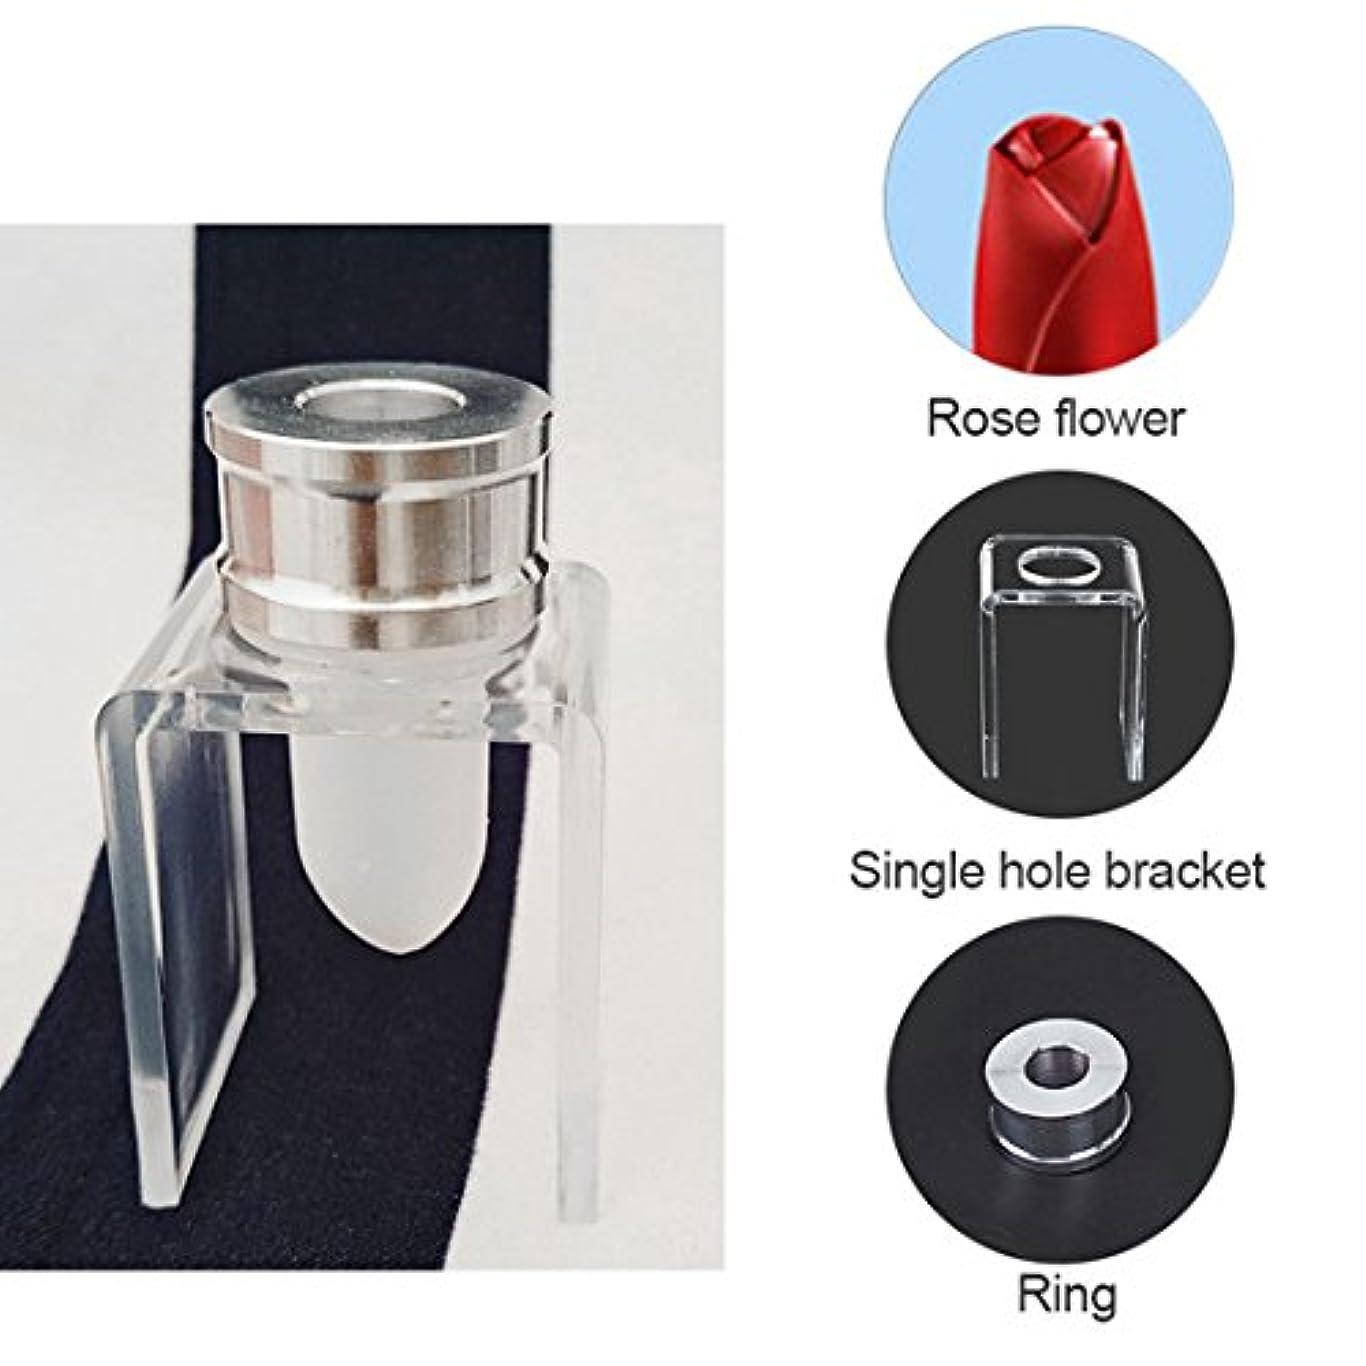 慣らす欠席いつでもSODIAL 3セット DIY 12.1mm シンプルな口紅の充填チューブ シリコーン金型 アルミリング シングルホールブラケット 手作りの口紅ツール シンプルなセット バラ